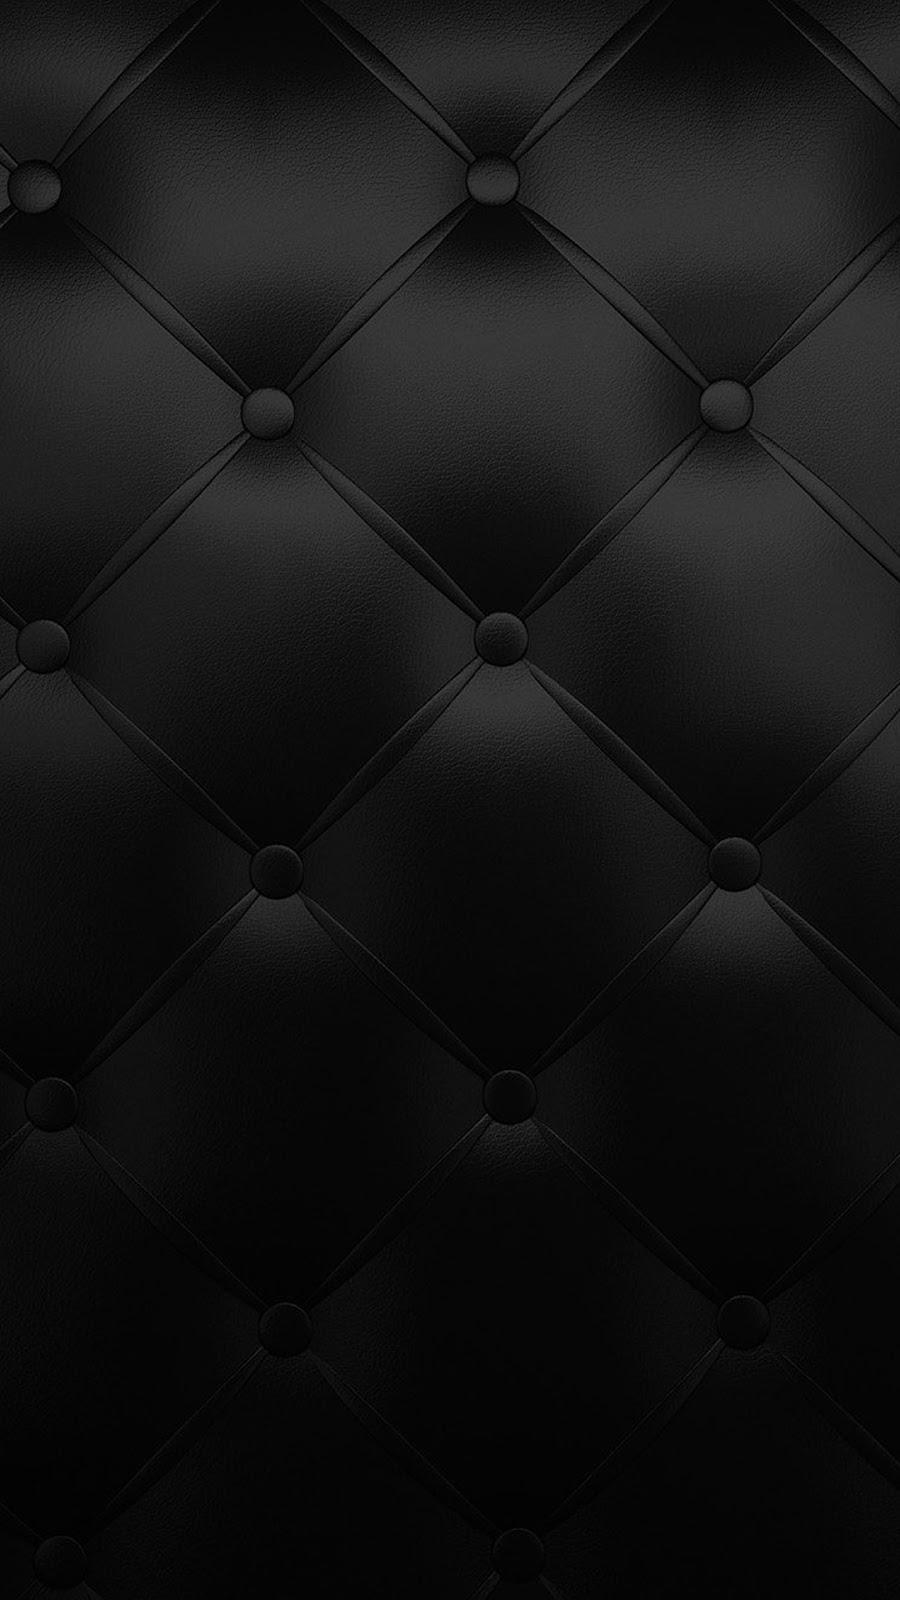 Iphone 6 ve iphone 6 plus hd duvar ka tlar hd duvar - Black wallpaper iphone 6 hd ...